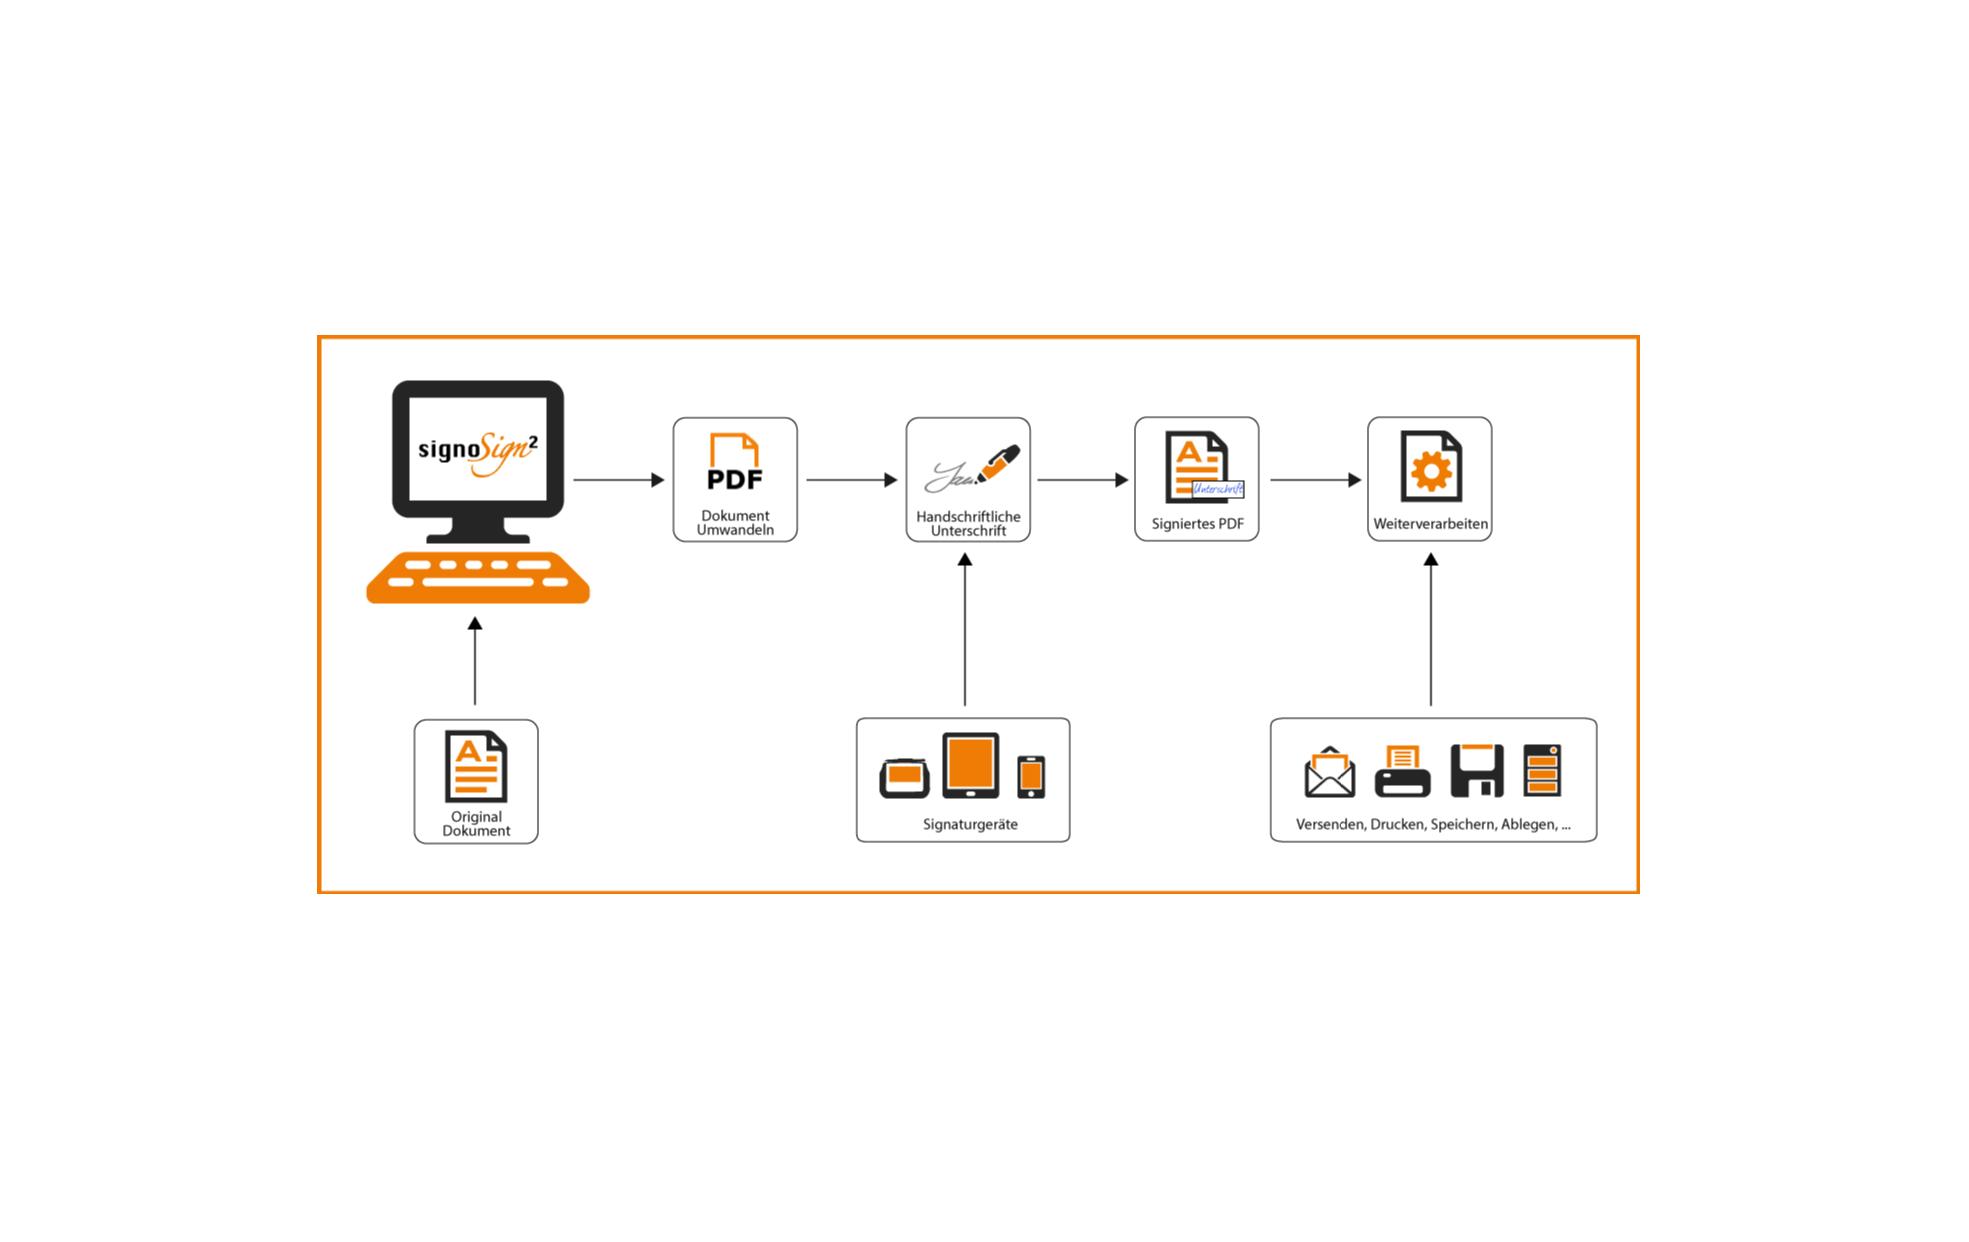 Bewertungen signoSign/2: Ein PDF handschriftlich digital unterschreiben - appvizer